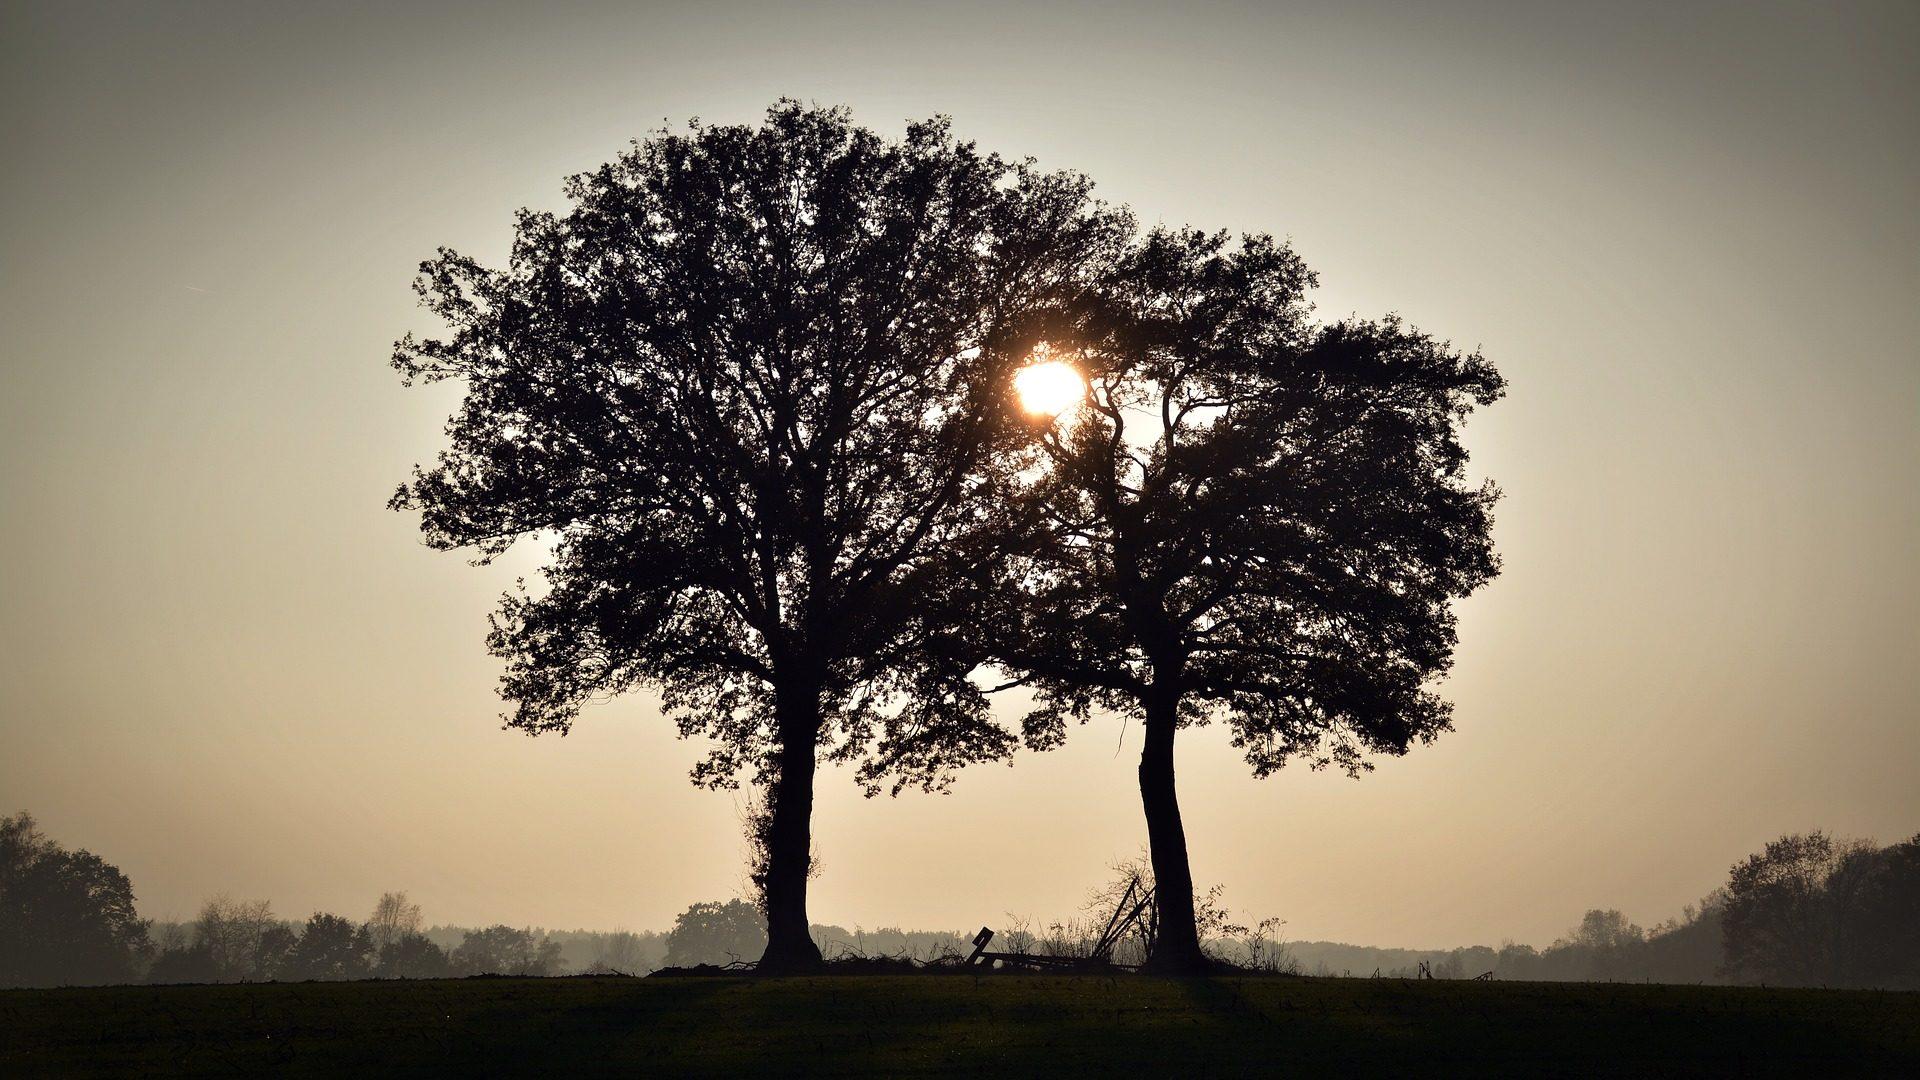 árvores, silhuetas, Sol, PRADO, campo, Ramos, figuras - Papéis de parede HD - Professor-falken.com